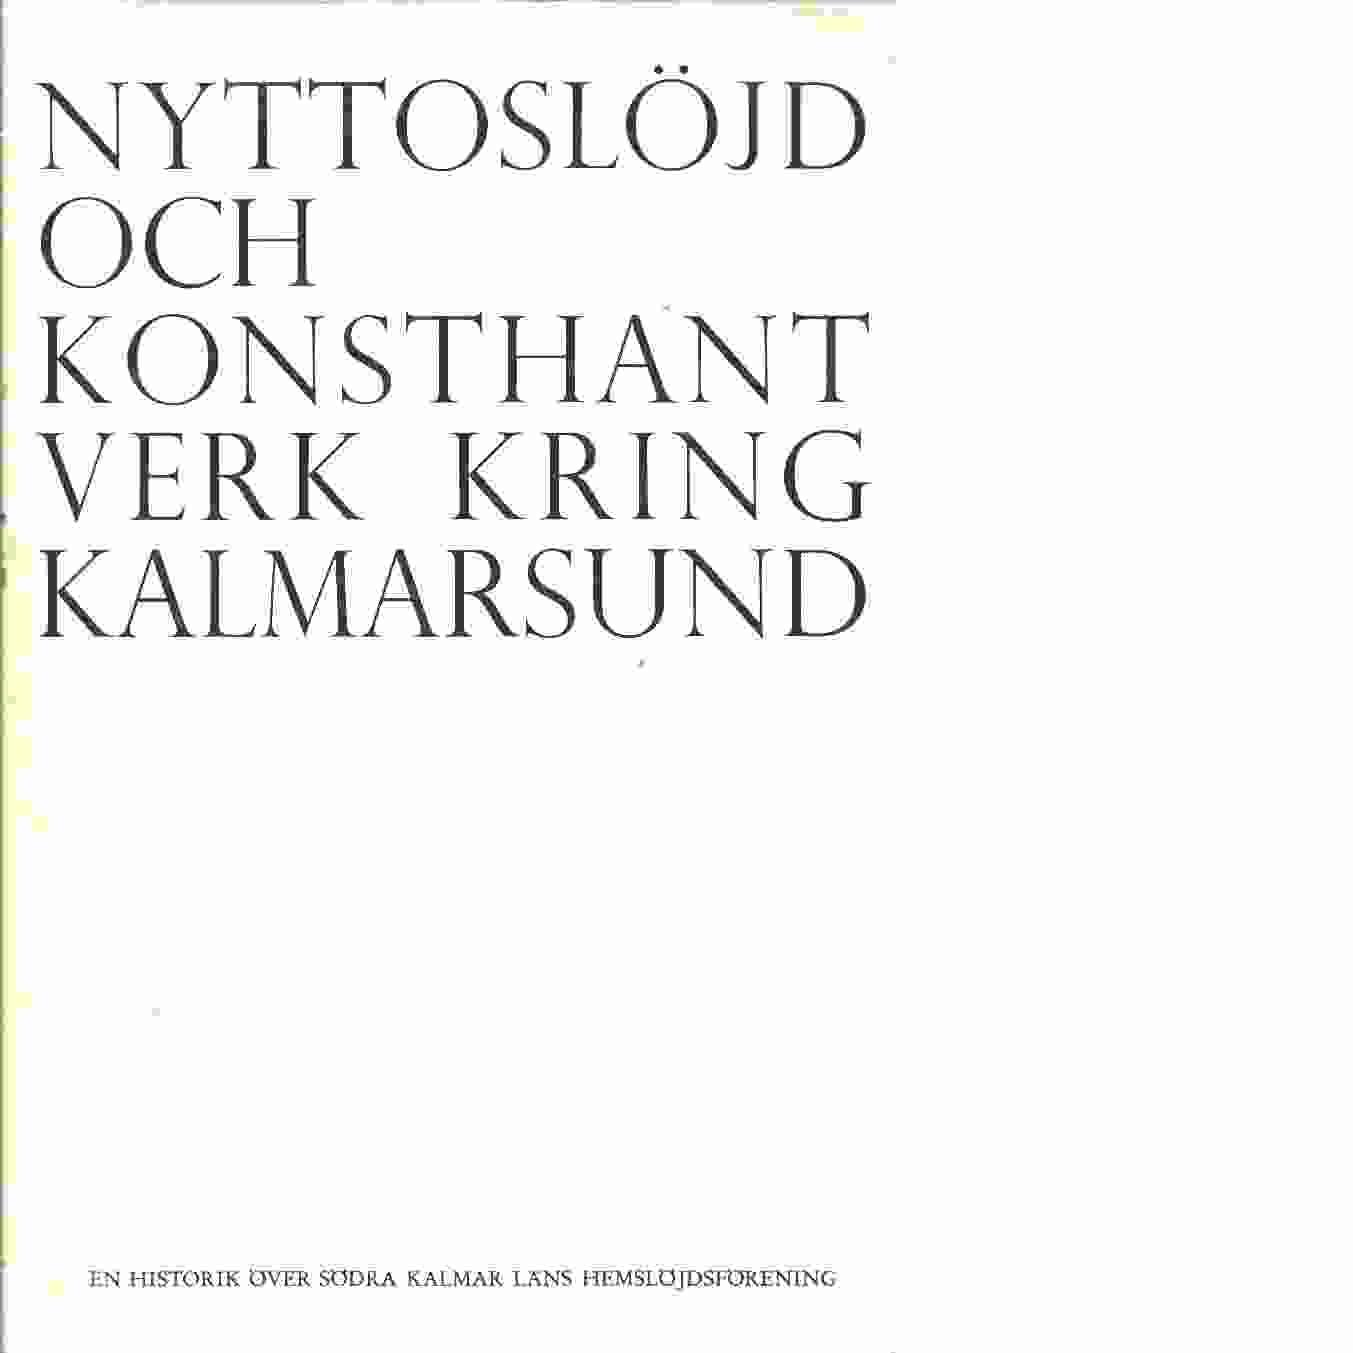 Nyttoslöjd och konsthantverk kring Kalmarsund : en historik över Södra Kalmar läns hemslöjdsförening - Red. Södra Kalmar läns hemslöjdsförening